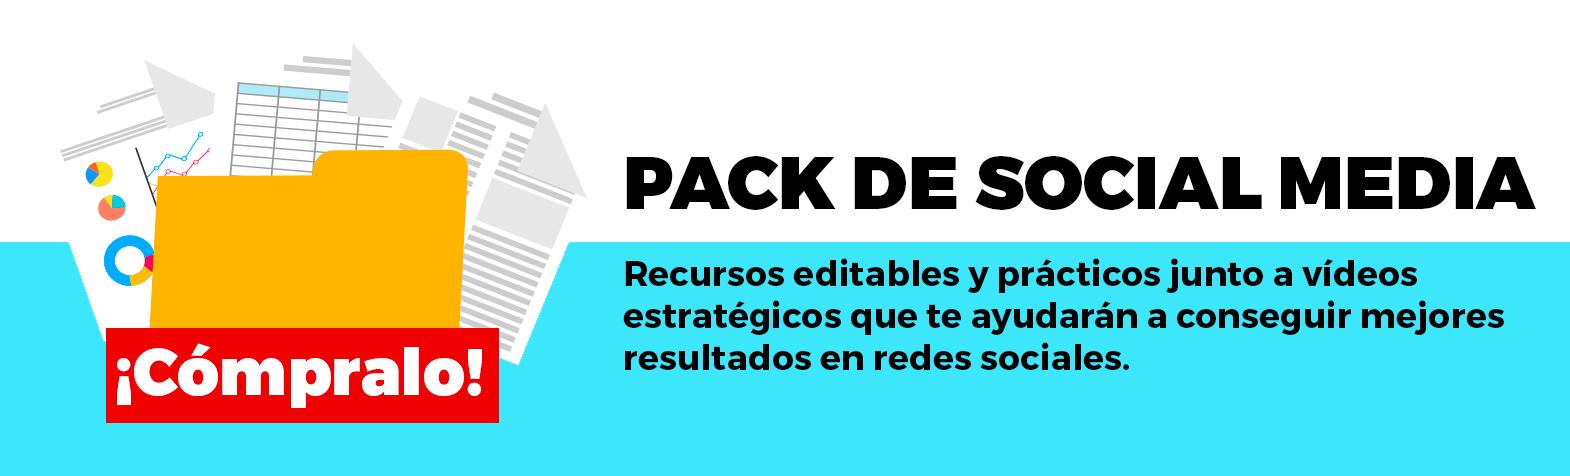 pack-de-social-media-plantillas-redes-sociales